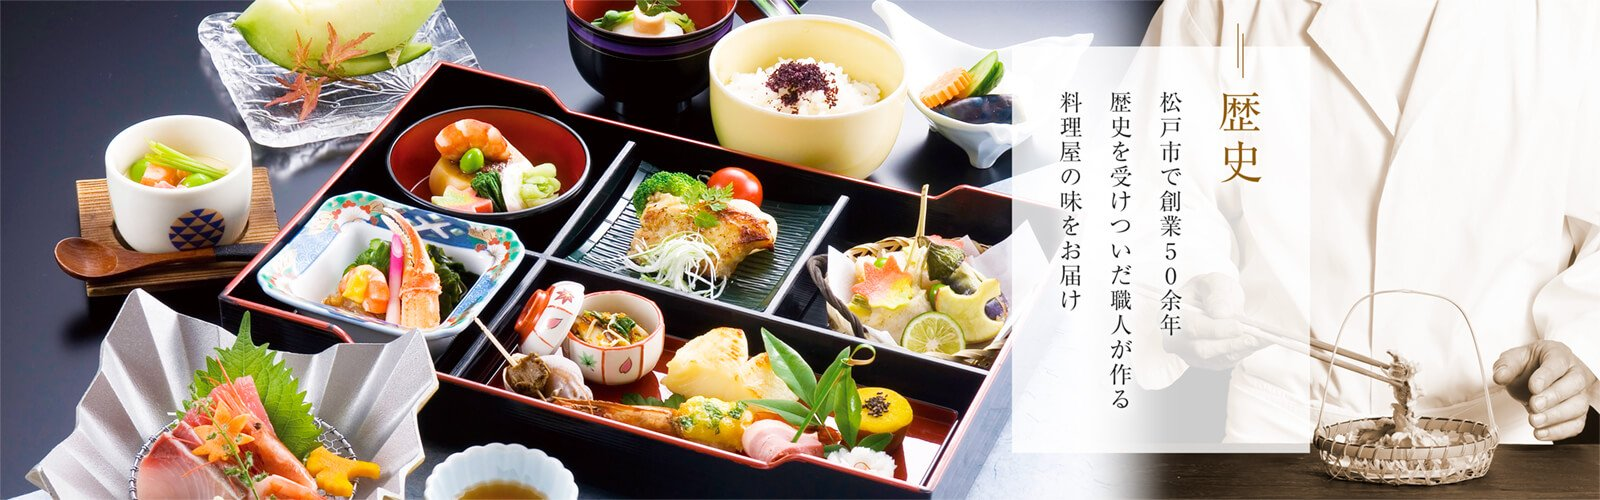 松戸市で創業50余年歴史を受け継いだ職人が作る料理屋の味をお届け